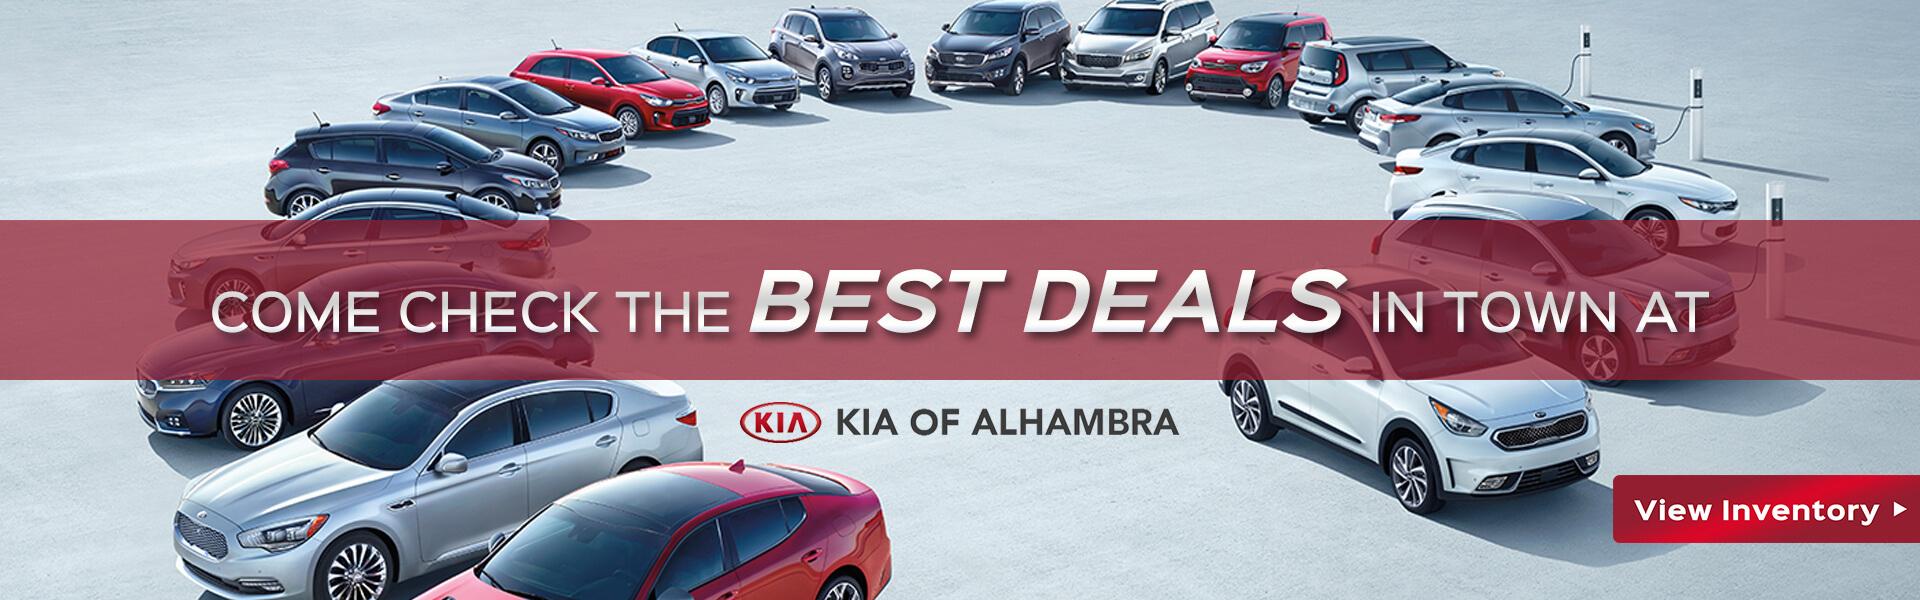 New Used Kia Dealer In Alhambra Ca Kia Of Alhambra